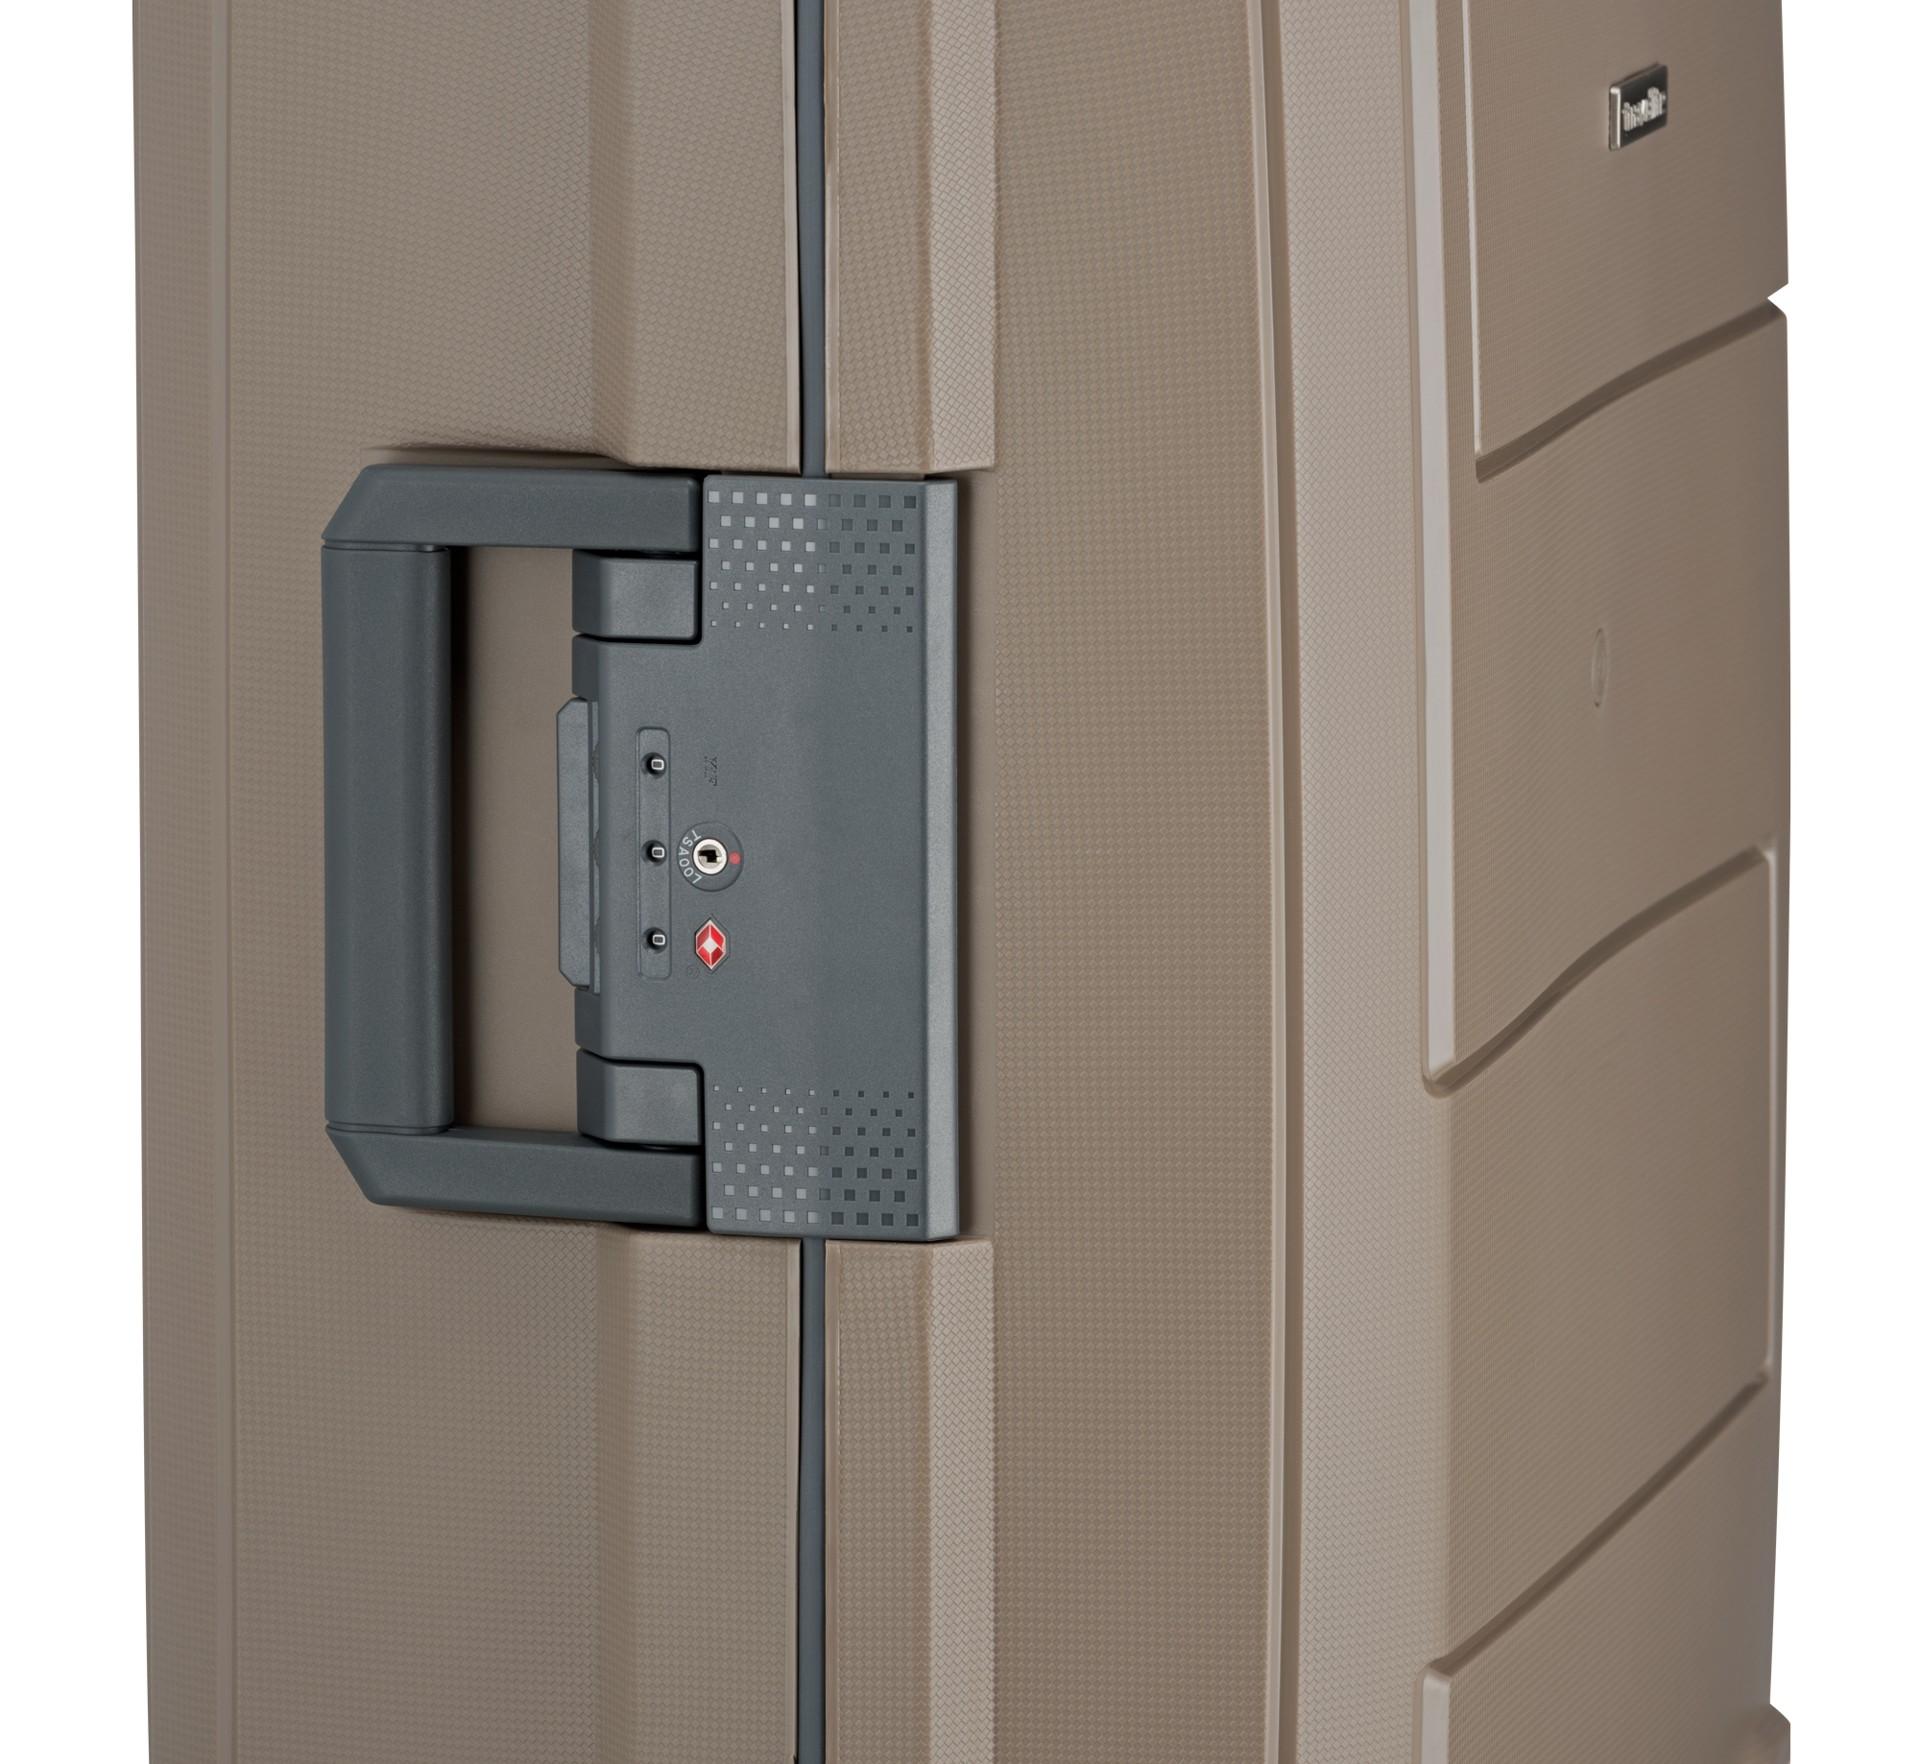 Travelite Makro 4w S Taupe.  - štyri tiché dvojkolieska otočné o 360° pre optimálny pohyb v teréne - výsuvná rukoväť s aretáciou - integrovaný TSA zámok pre bezproblémové cesty po svete - pevná rámová konštrukcia s trojbodovým uzatváraním - obojstranný baliaci systém s fixačnými popruhmi - deliaca priečka na zips s integrovaným sieťovaným vreckom - jemná podšívka - predĺžená záruka 3 roky - kufor spĺňa rozmery palubnej batožiny väčšiny leteckých spoločností